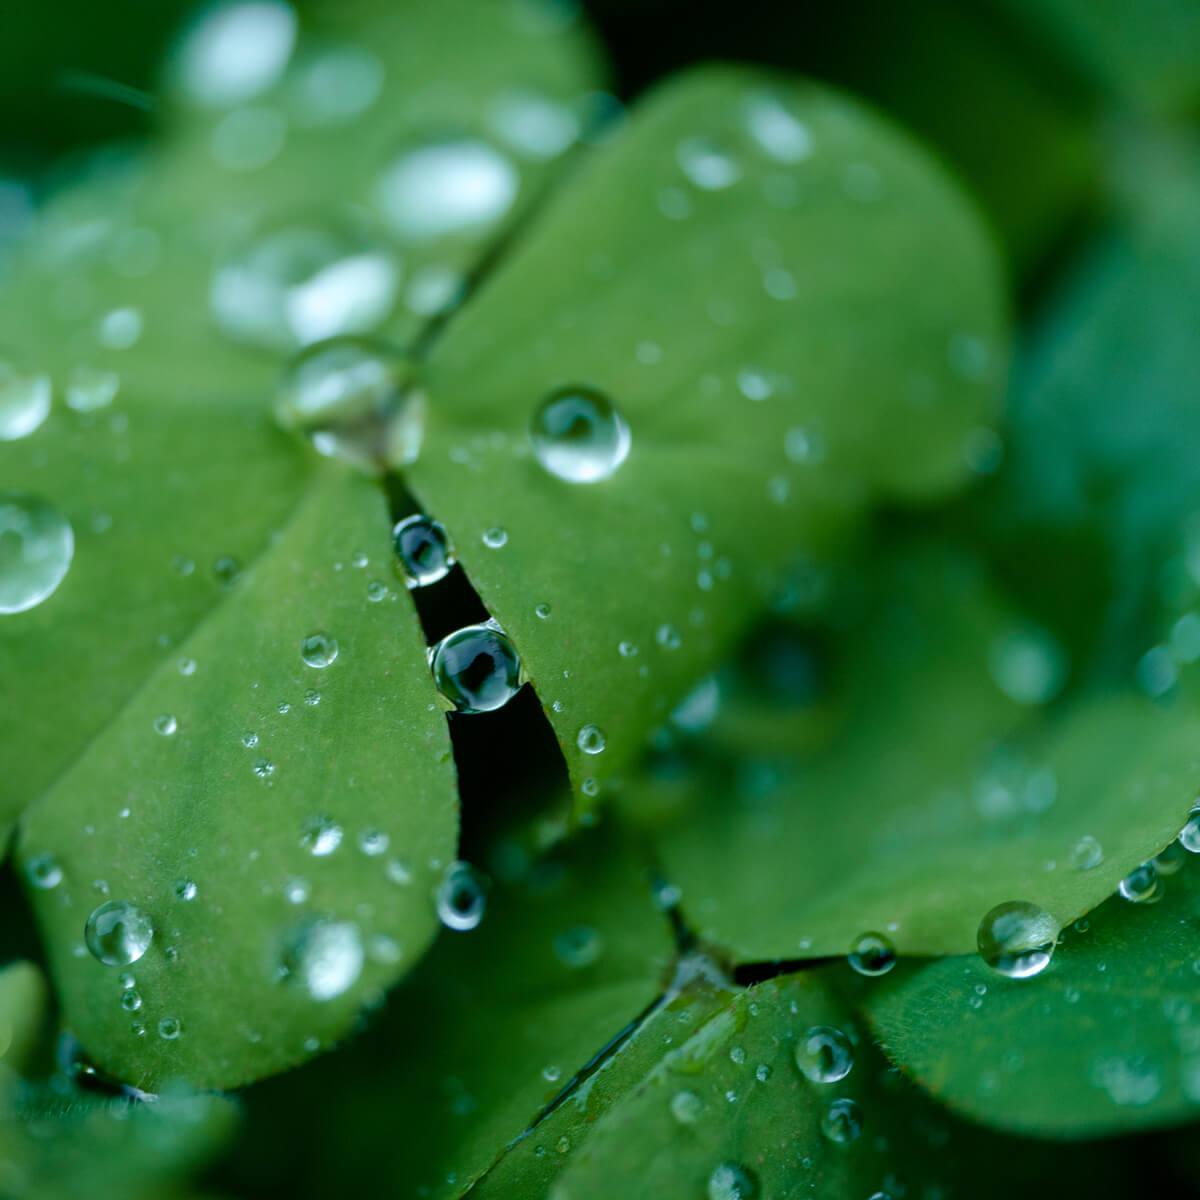 屋久島雨の雫 屋久島日々の暮らしとジュエリー オーダーメイドマリッジリングのモチーフ